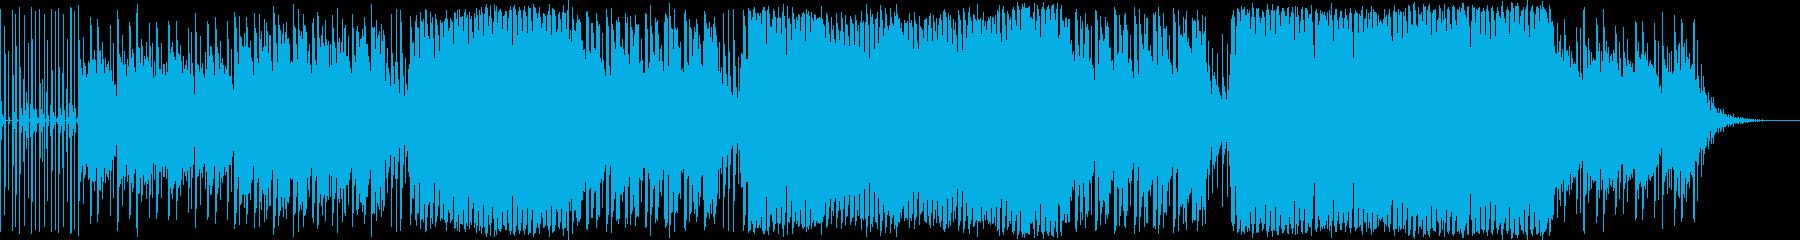 雨のイメージの悲しい曲の再生済みの波形